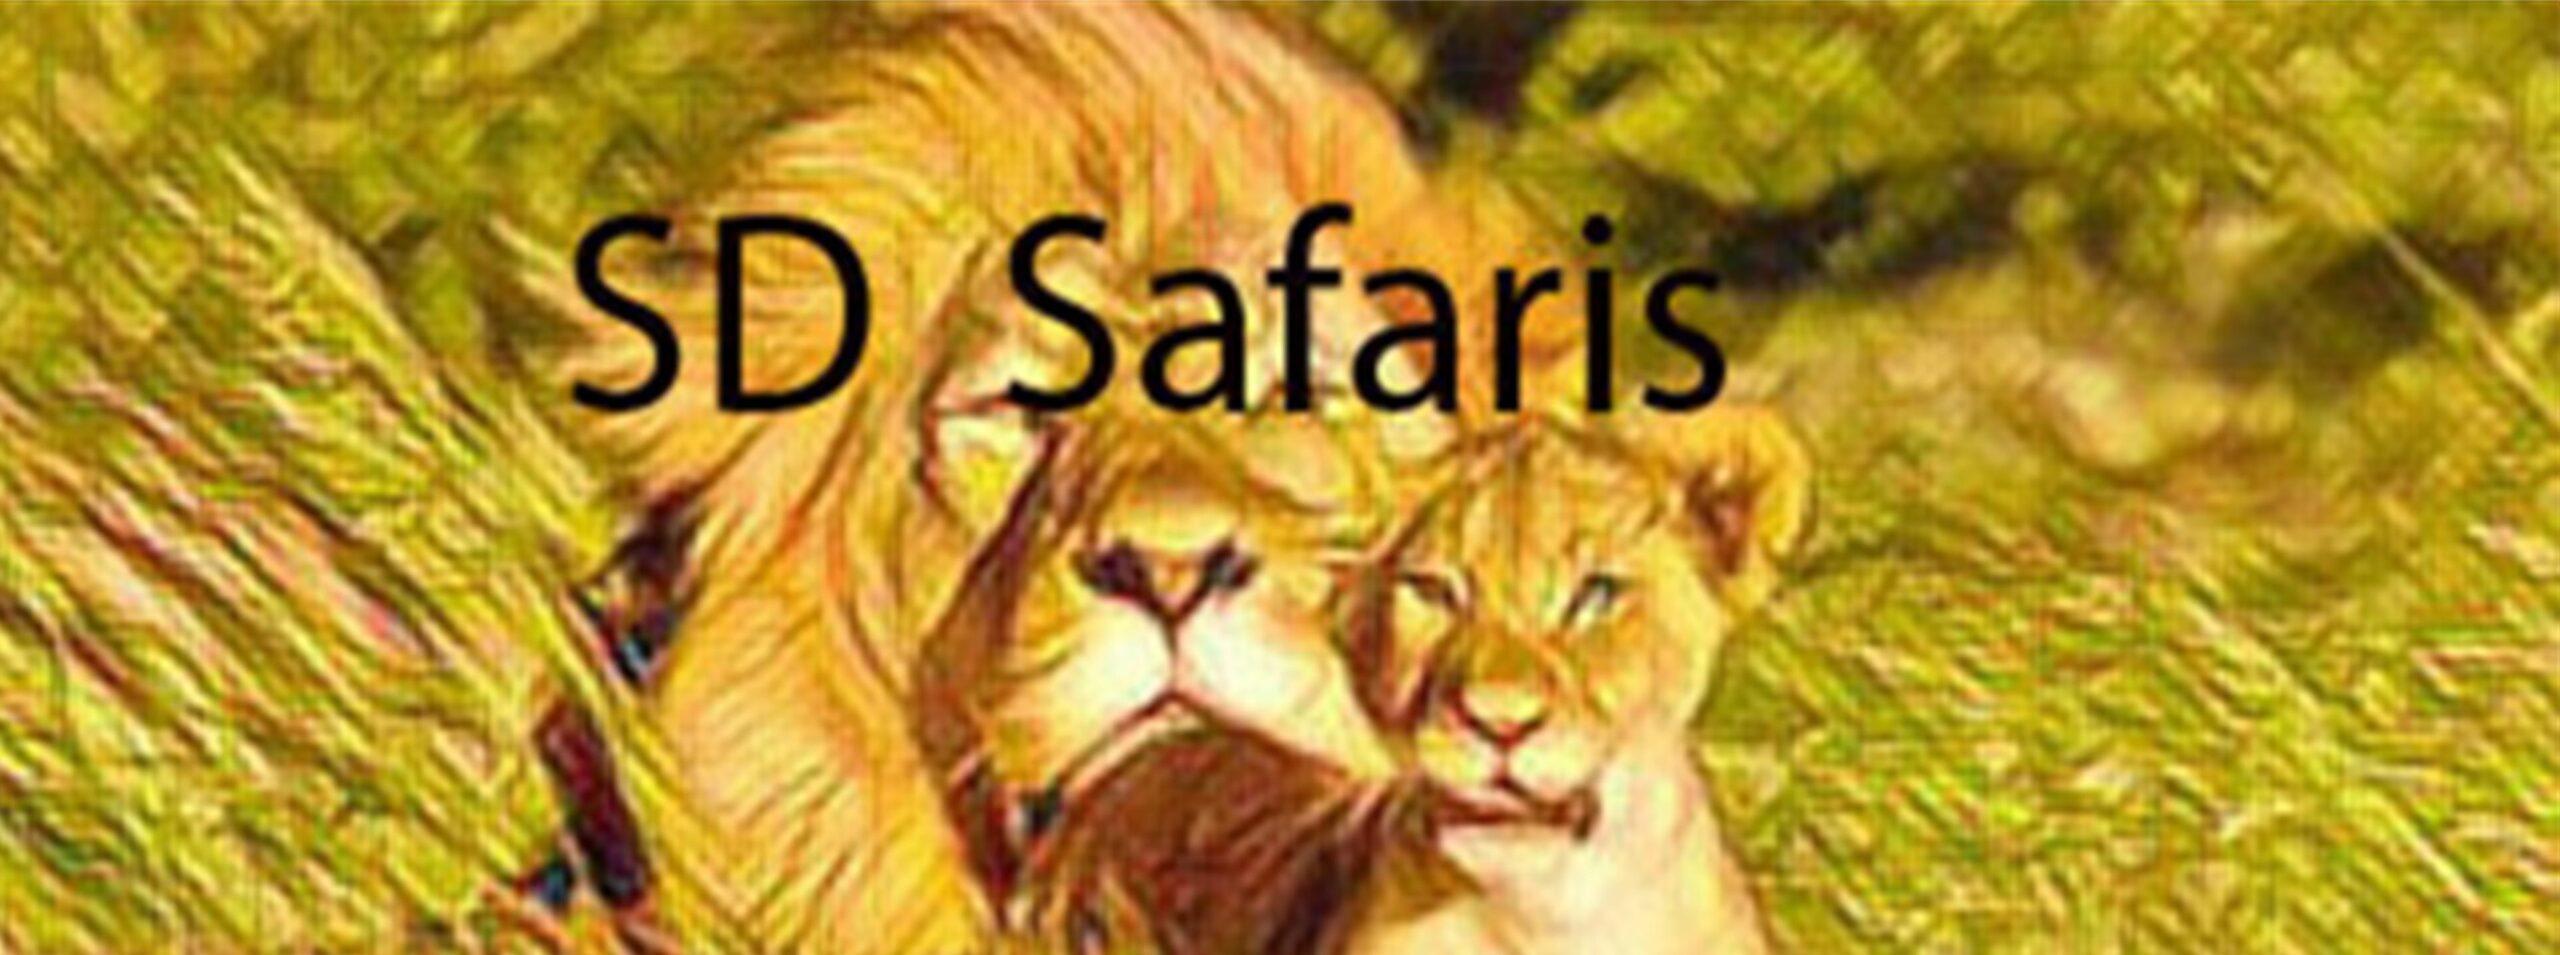 SD Safaris Tanzania